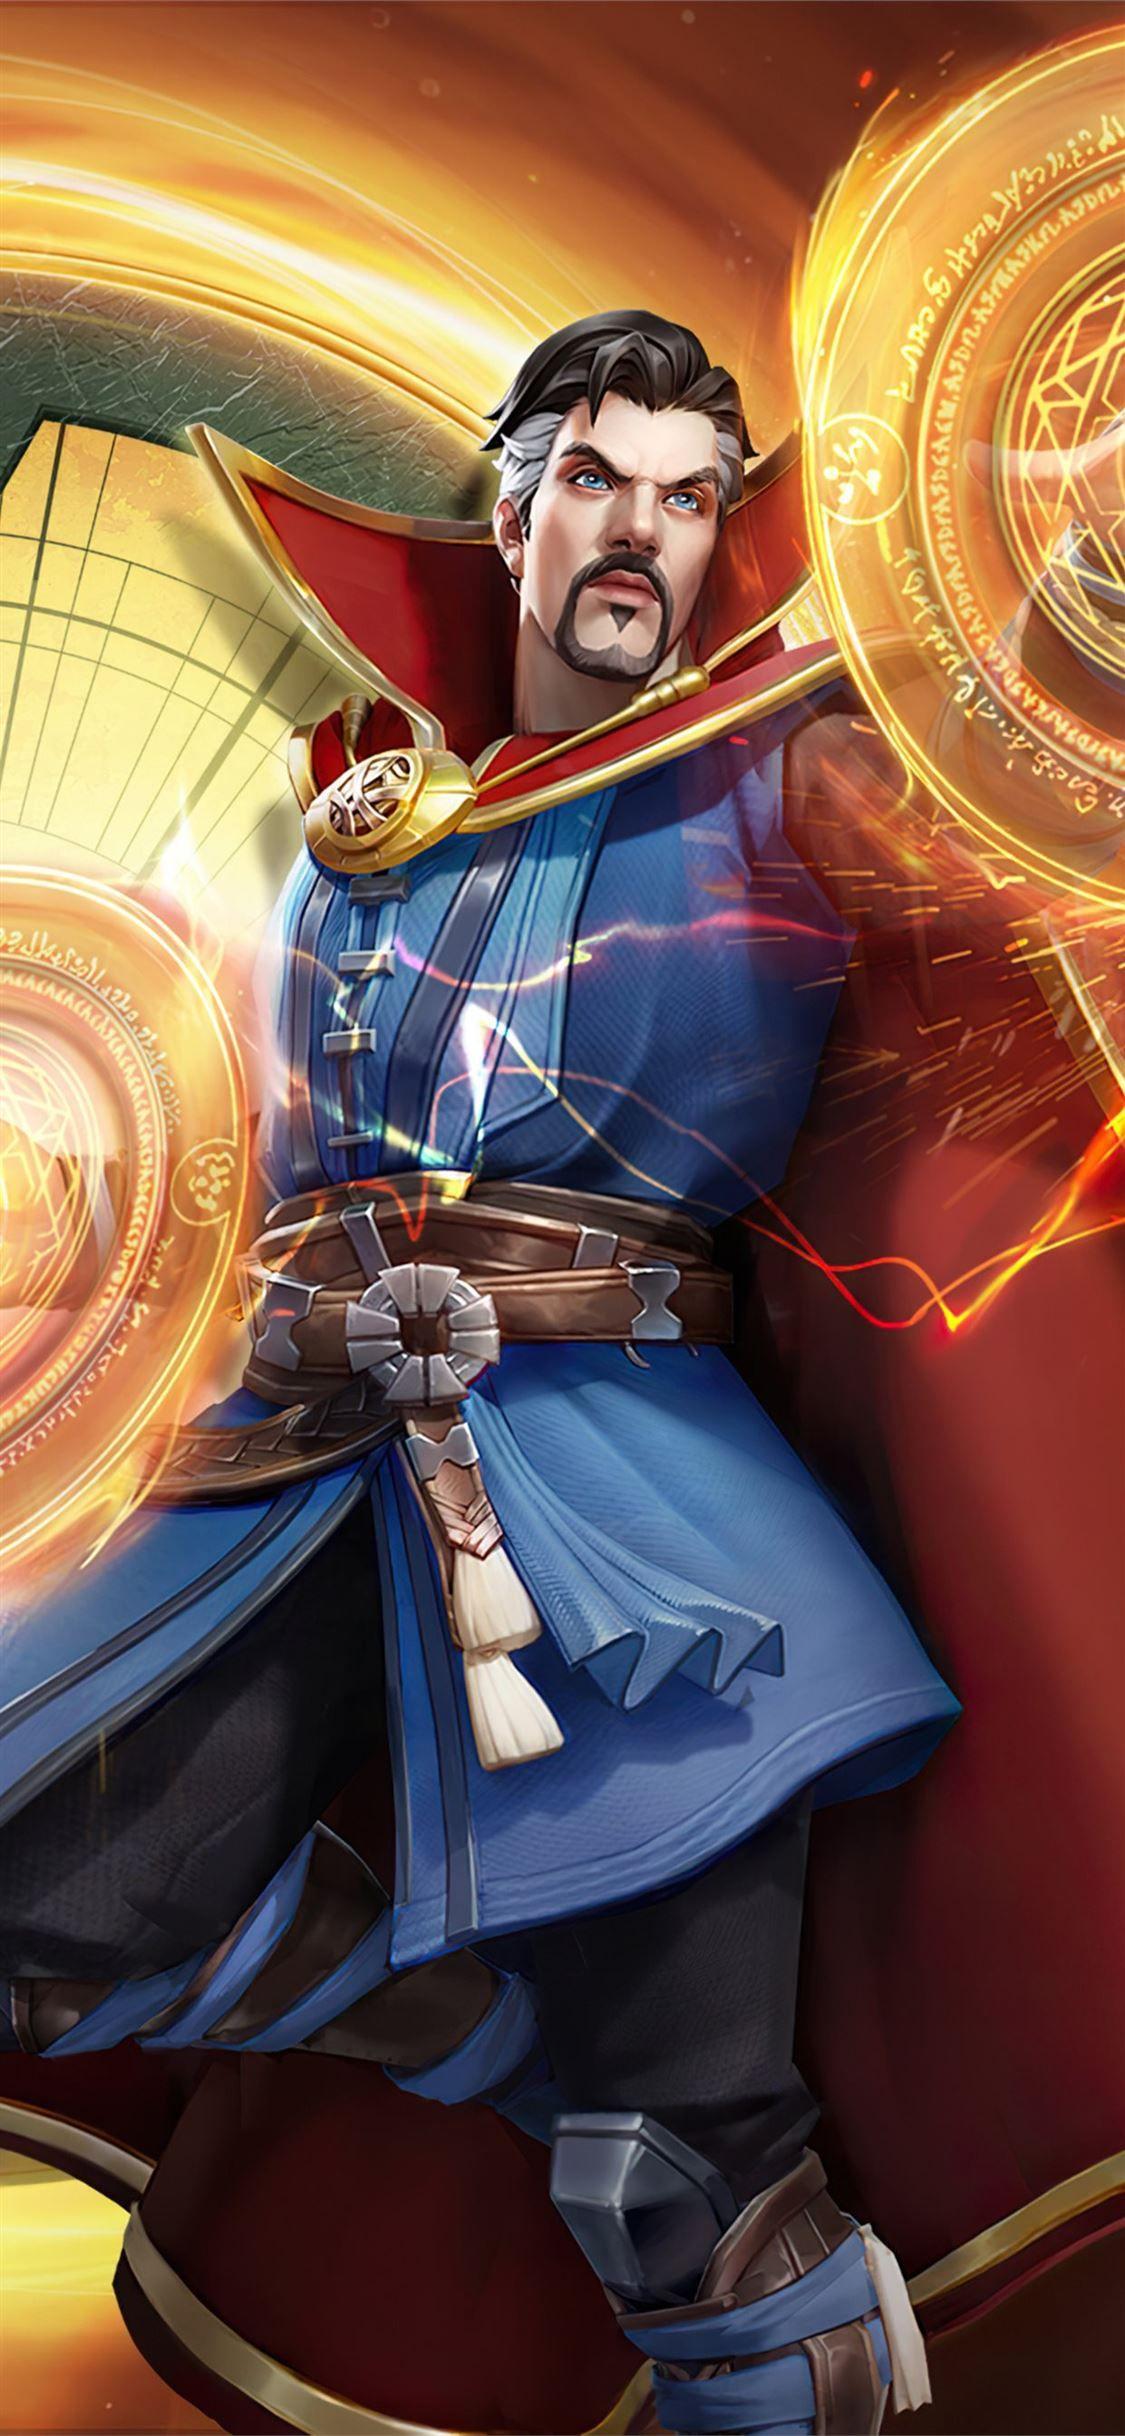 marvel super war doctor strange MarvelSuperWar games